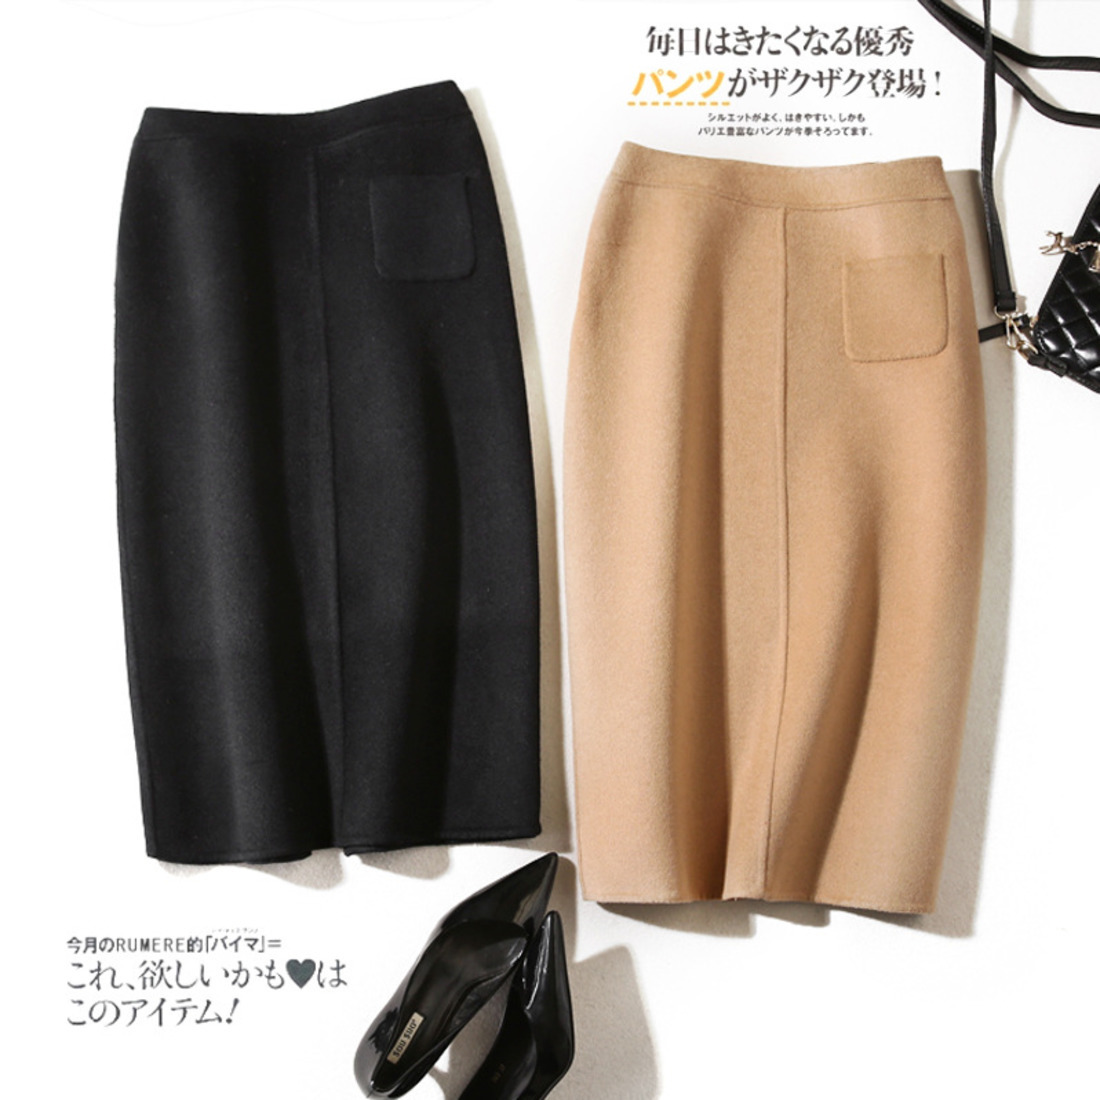 Осенне-зимняя юбка, новая модель 2018 года, изящная шерстяная юбка средней длины, двусторонняя кашемировая посылка с ягодицами